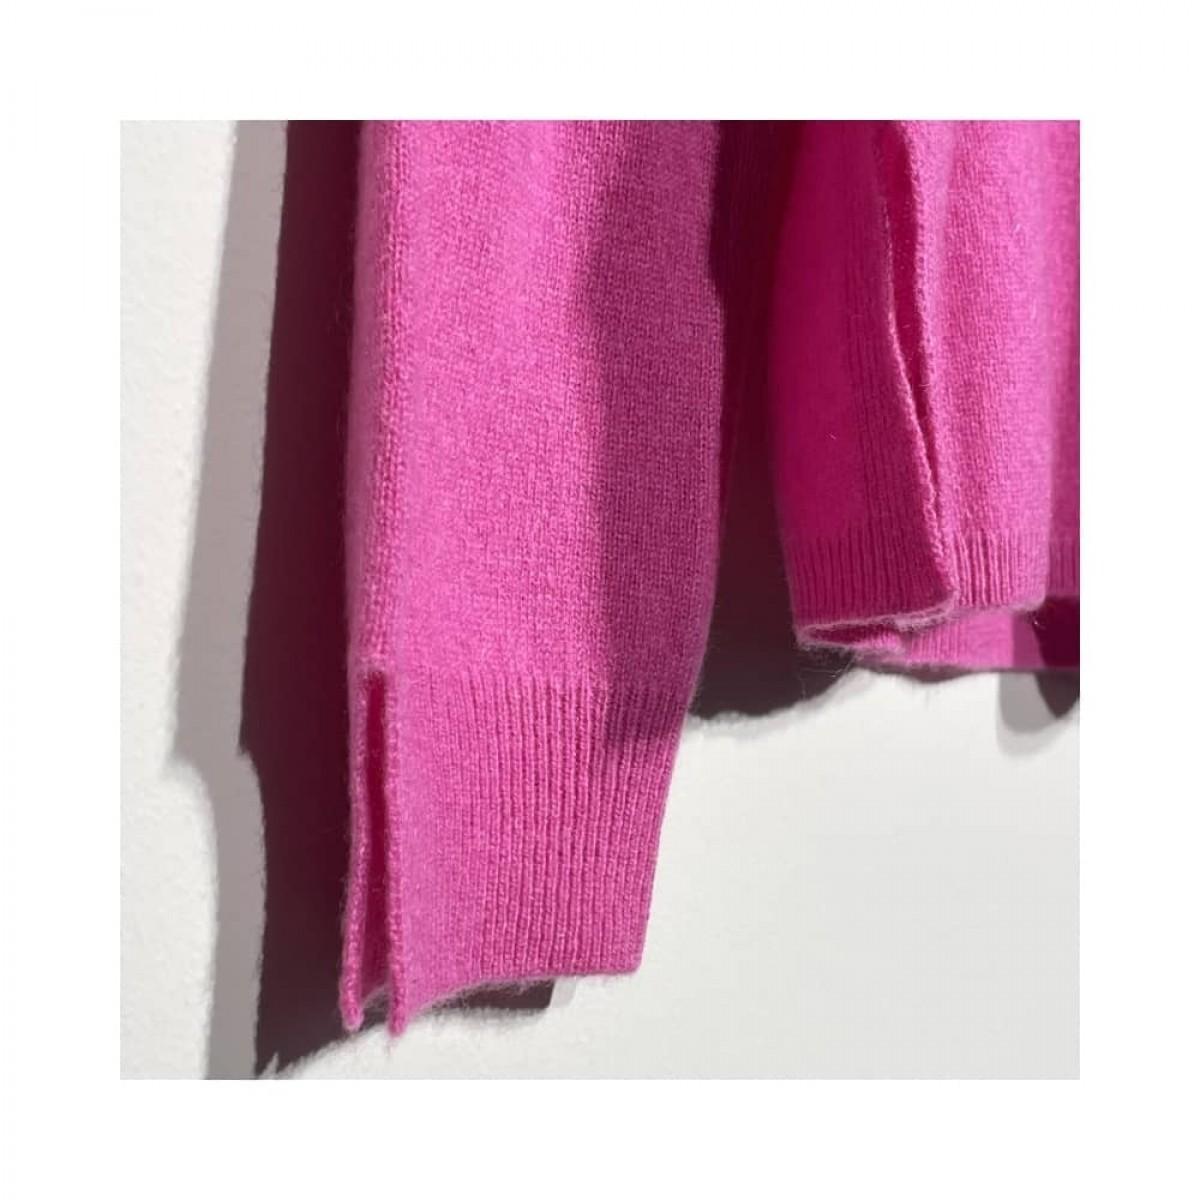 becka strik - rose neon - slids ved ærmer